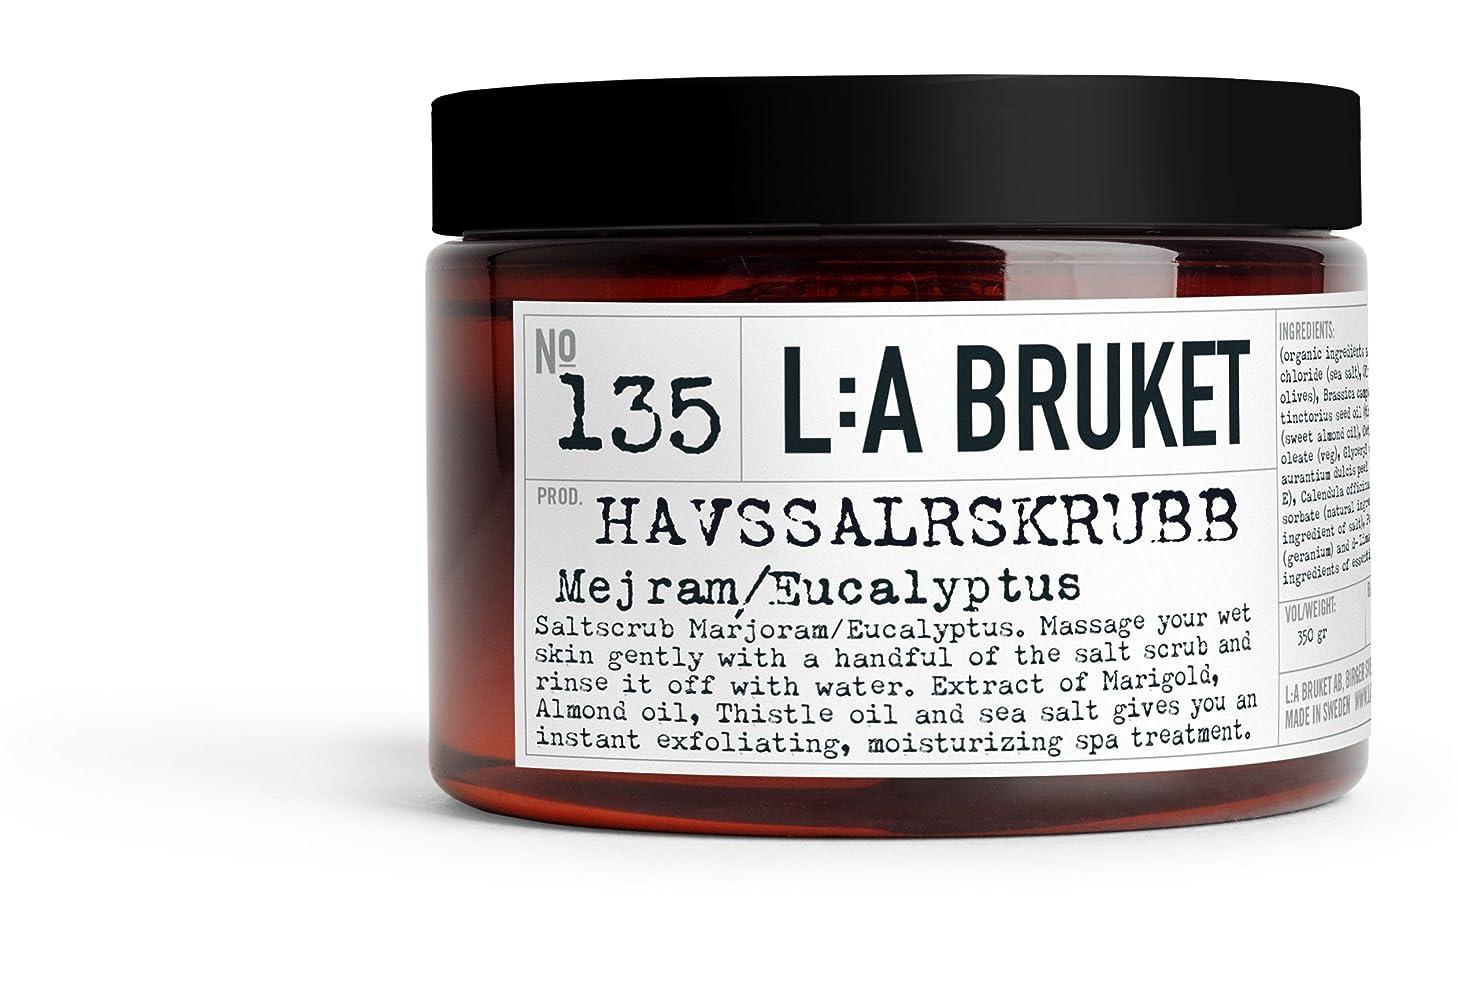 剃るランプオーブンL:a Bruket (ラ ブルケット) シーソルトボディスクラブ (マジョラム?ユーカリ) 420g